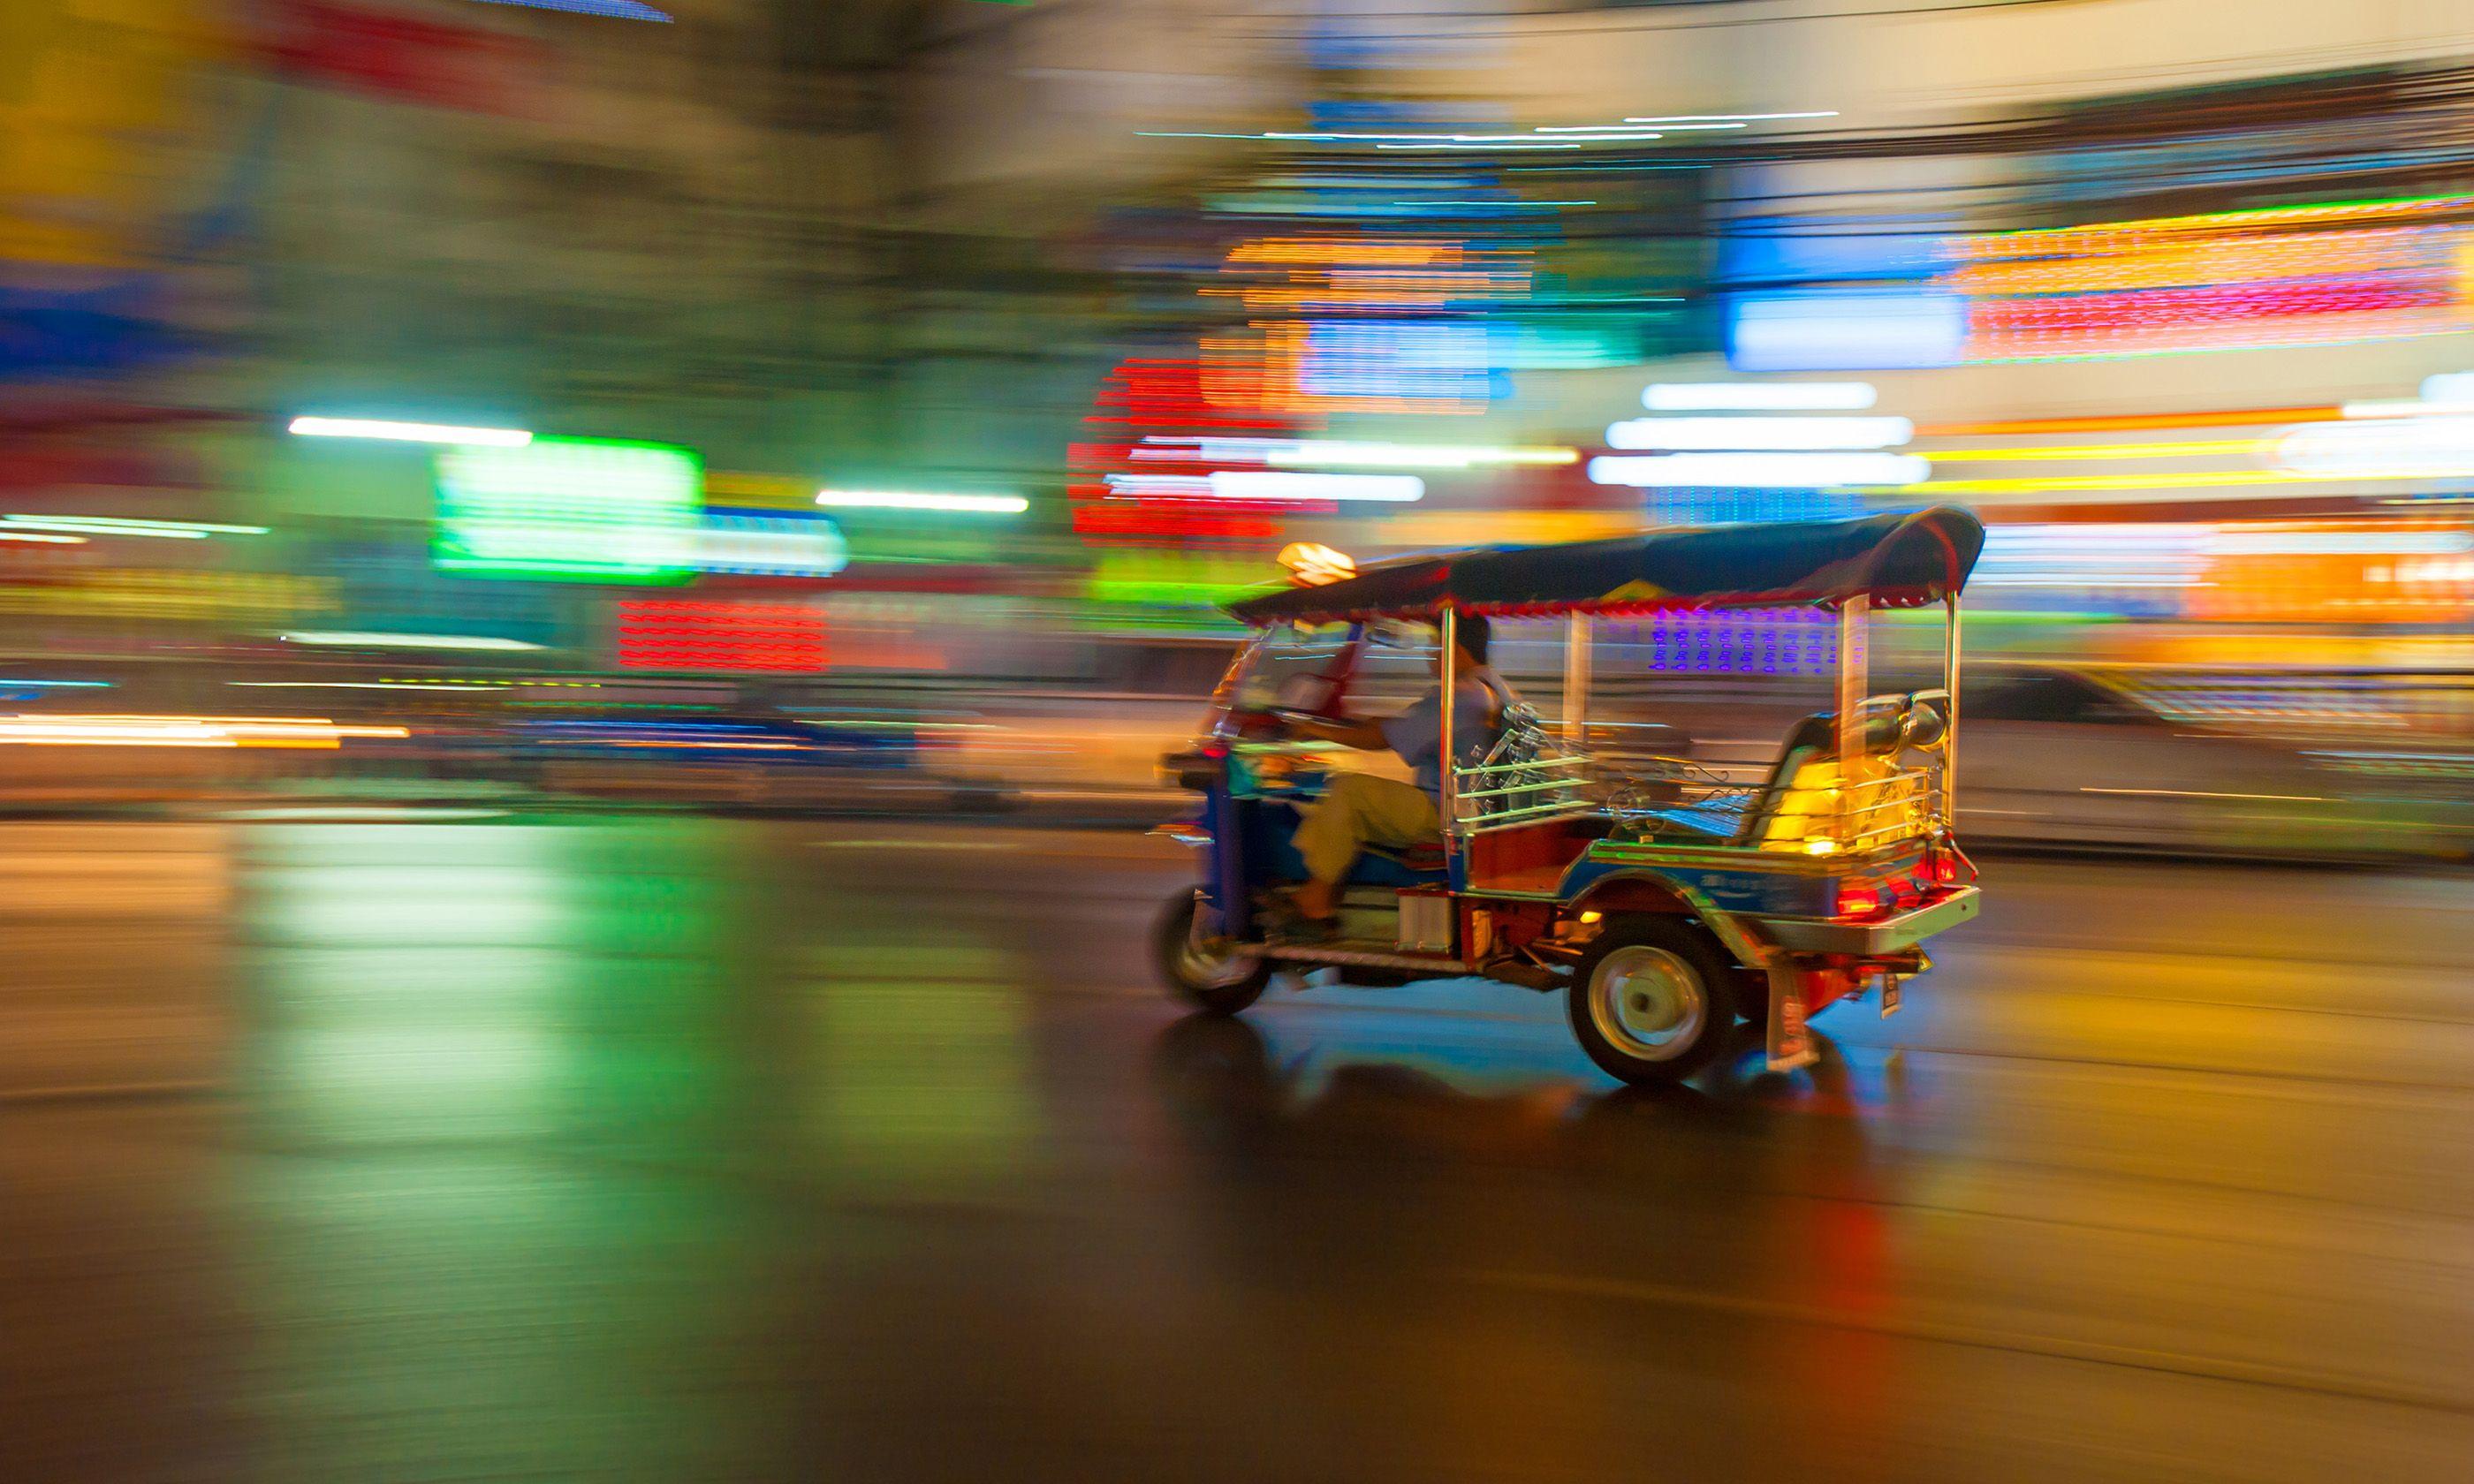 Tuk-tuk in motion (Shutterstock.com)